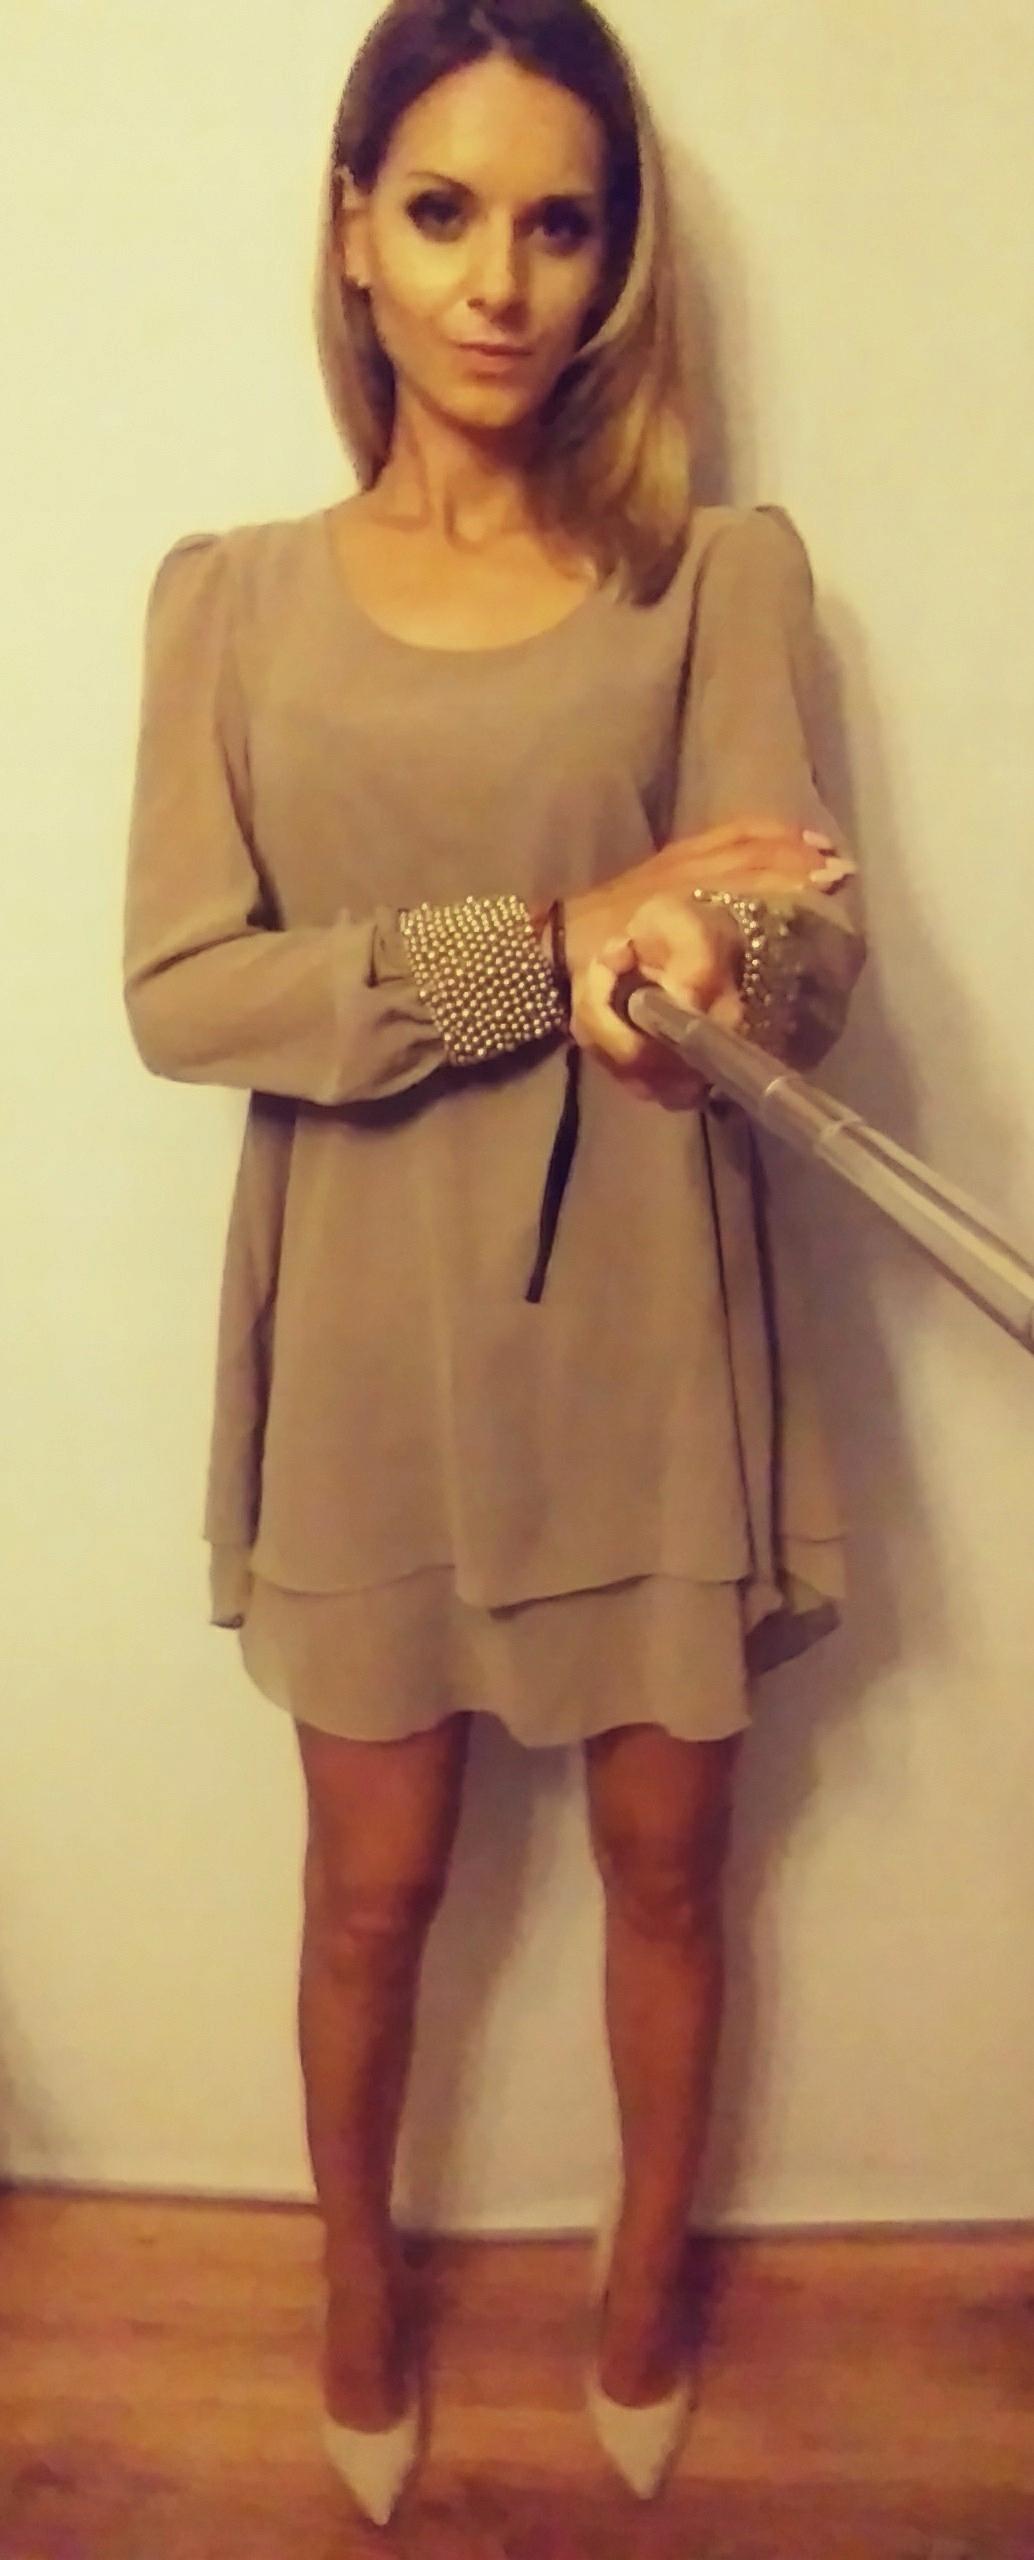 b4069563dc Sukienka beżowa rękawy perełki rozmiar 36 - 7457189911 - oficjalne ...